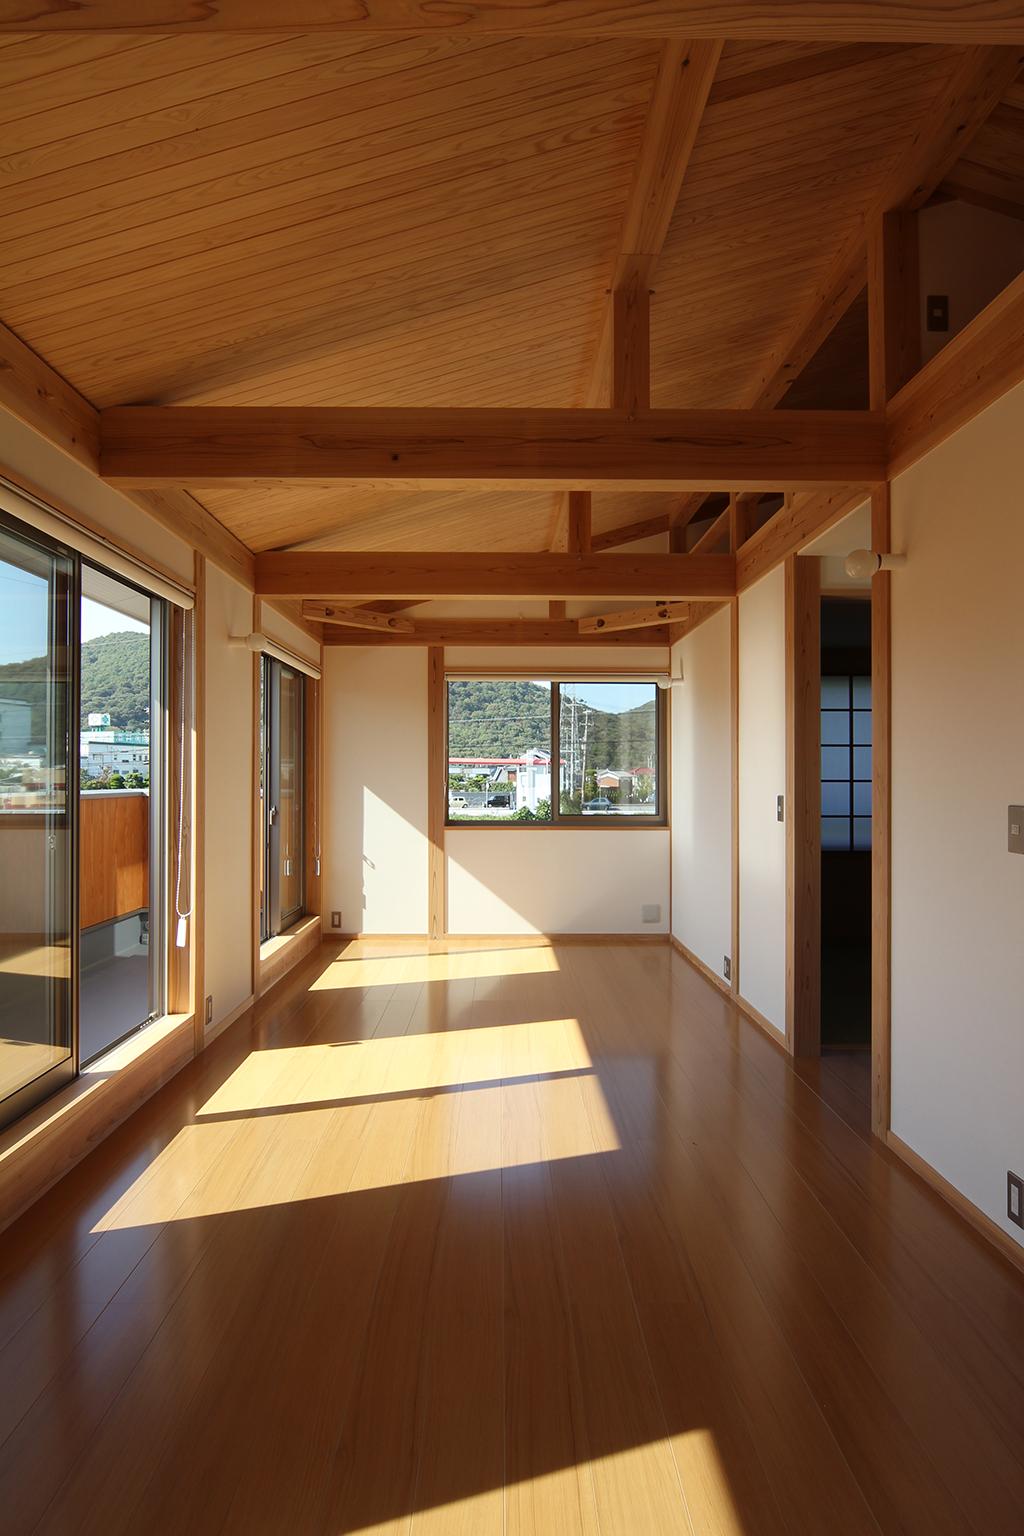 姫路市の木の家 家具で仕切ることができる子供部屋